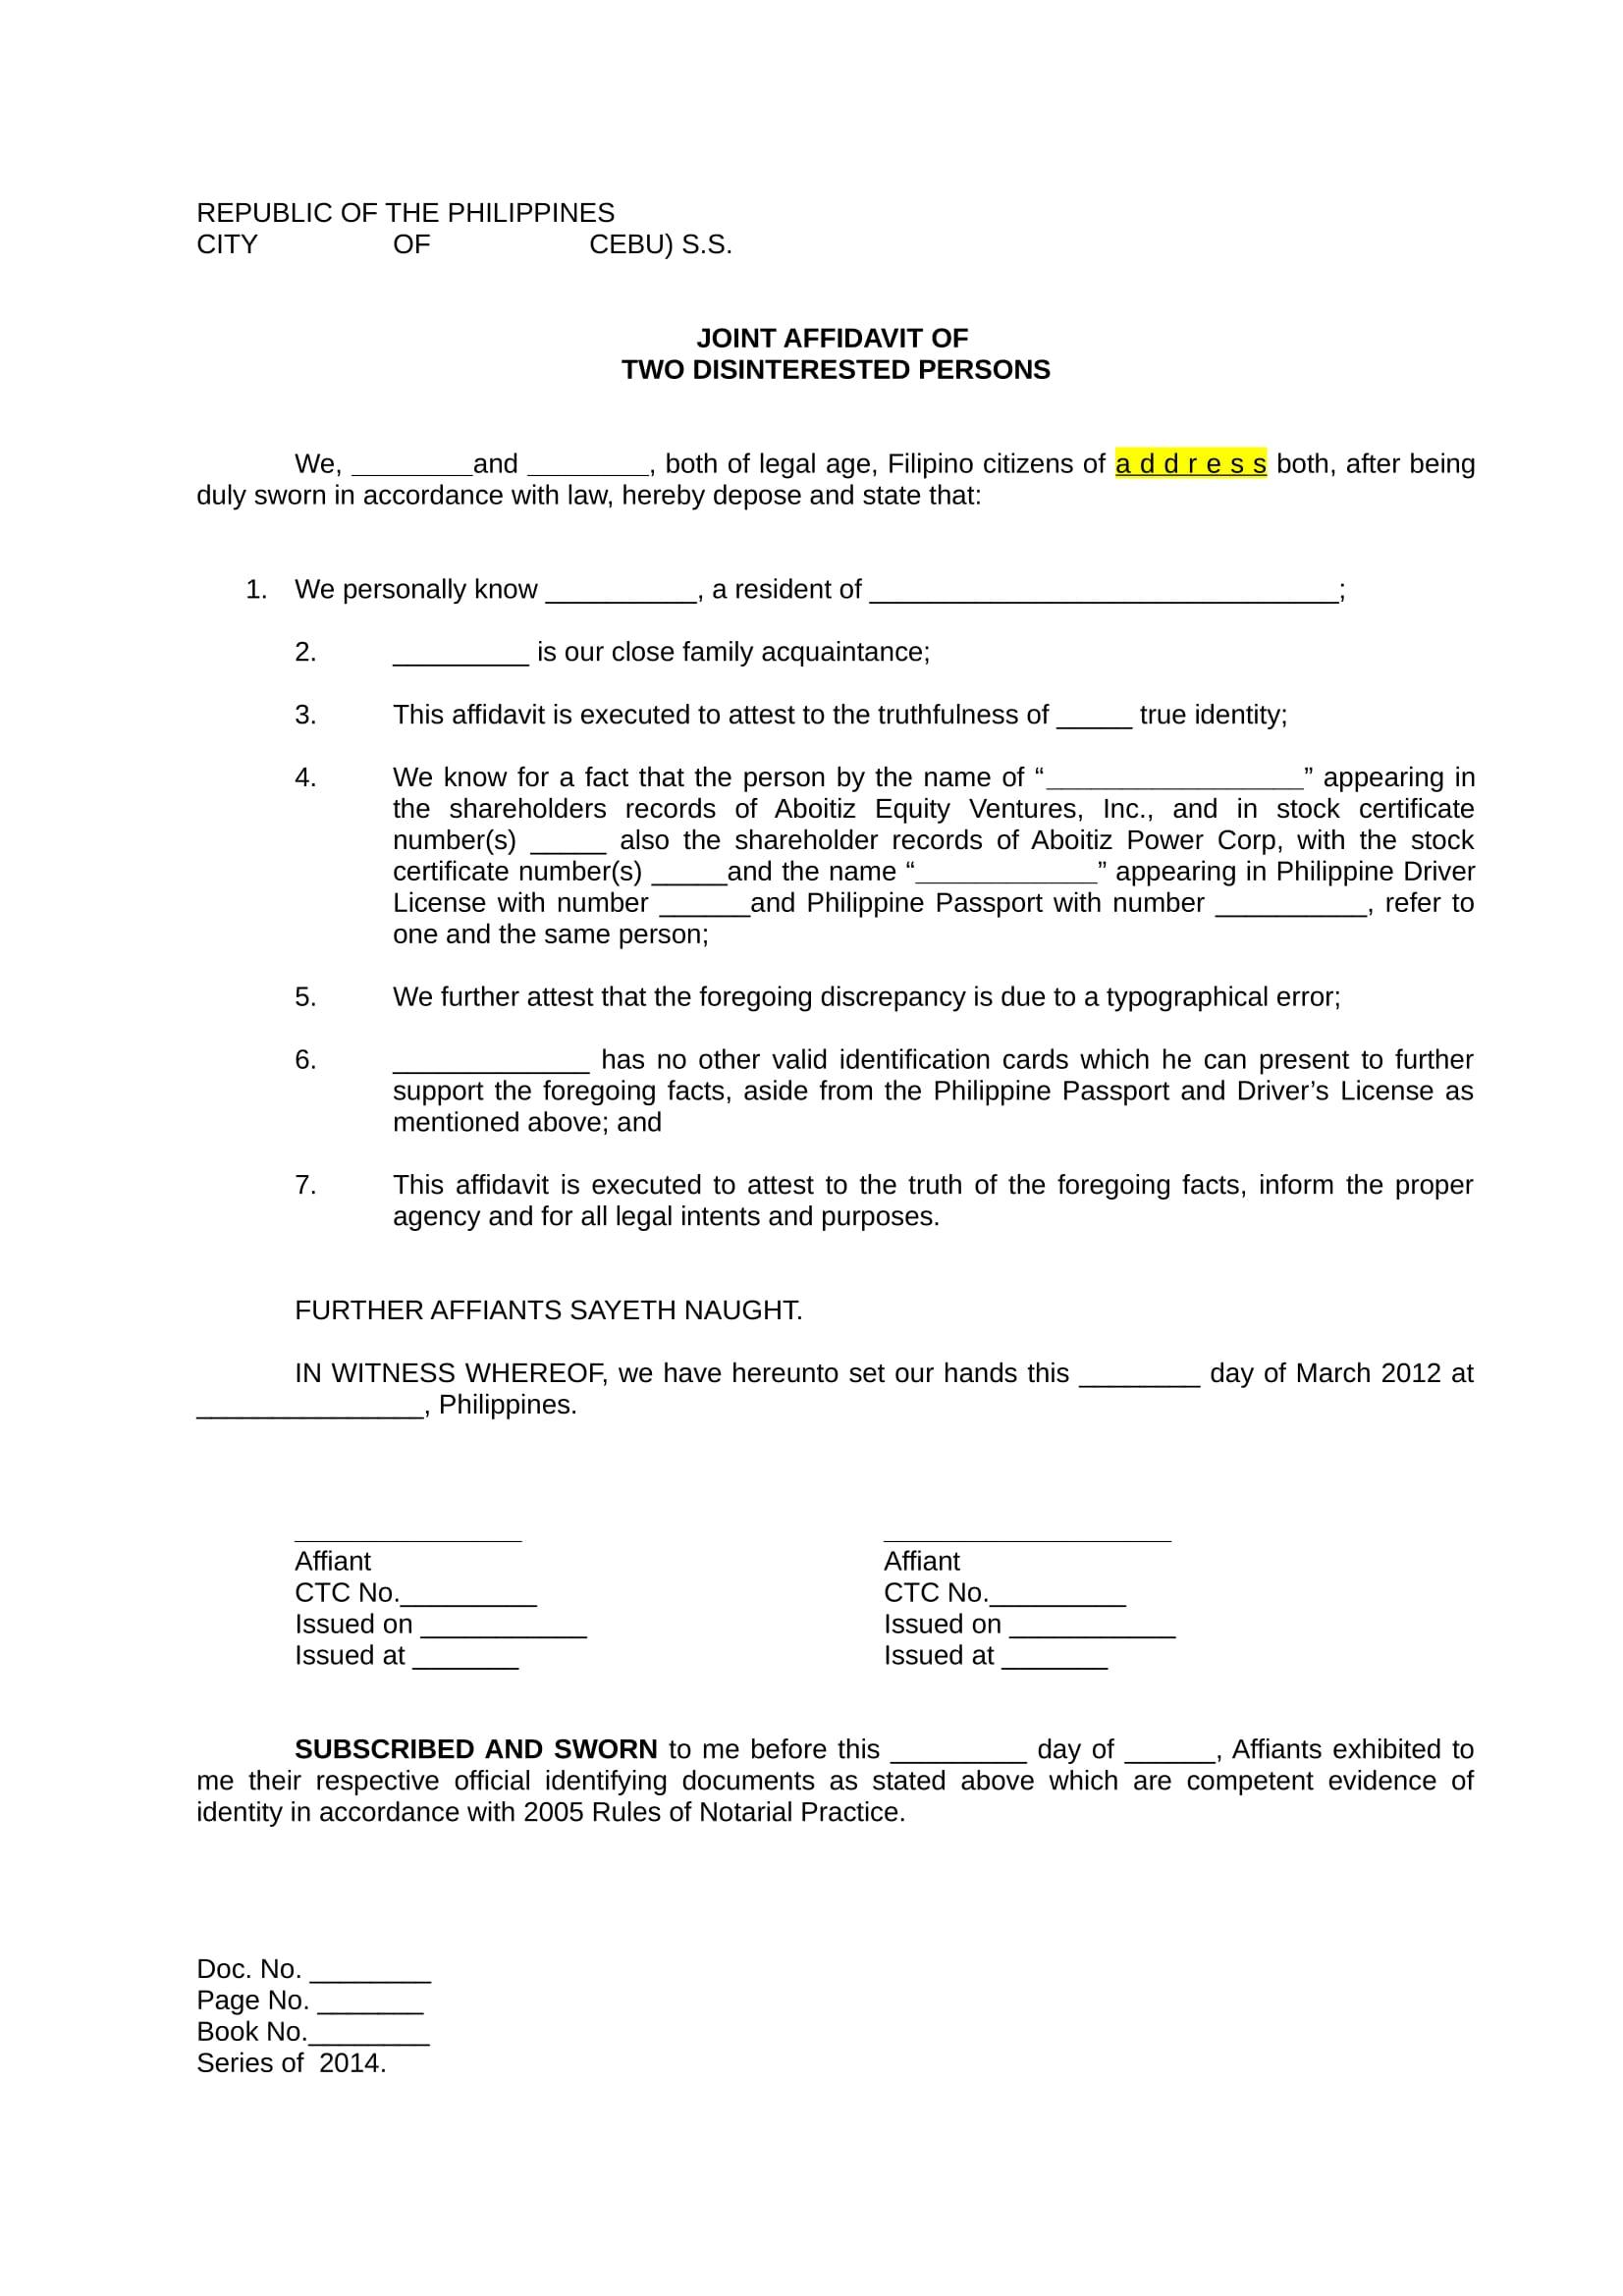 20 sample affidavit forms joint affidavit form sample yelopaper Images